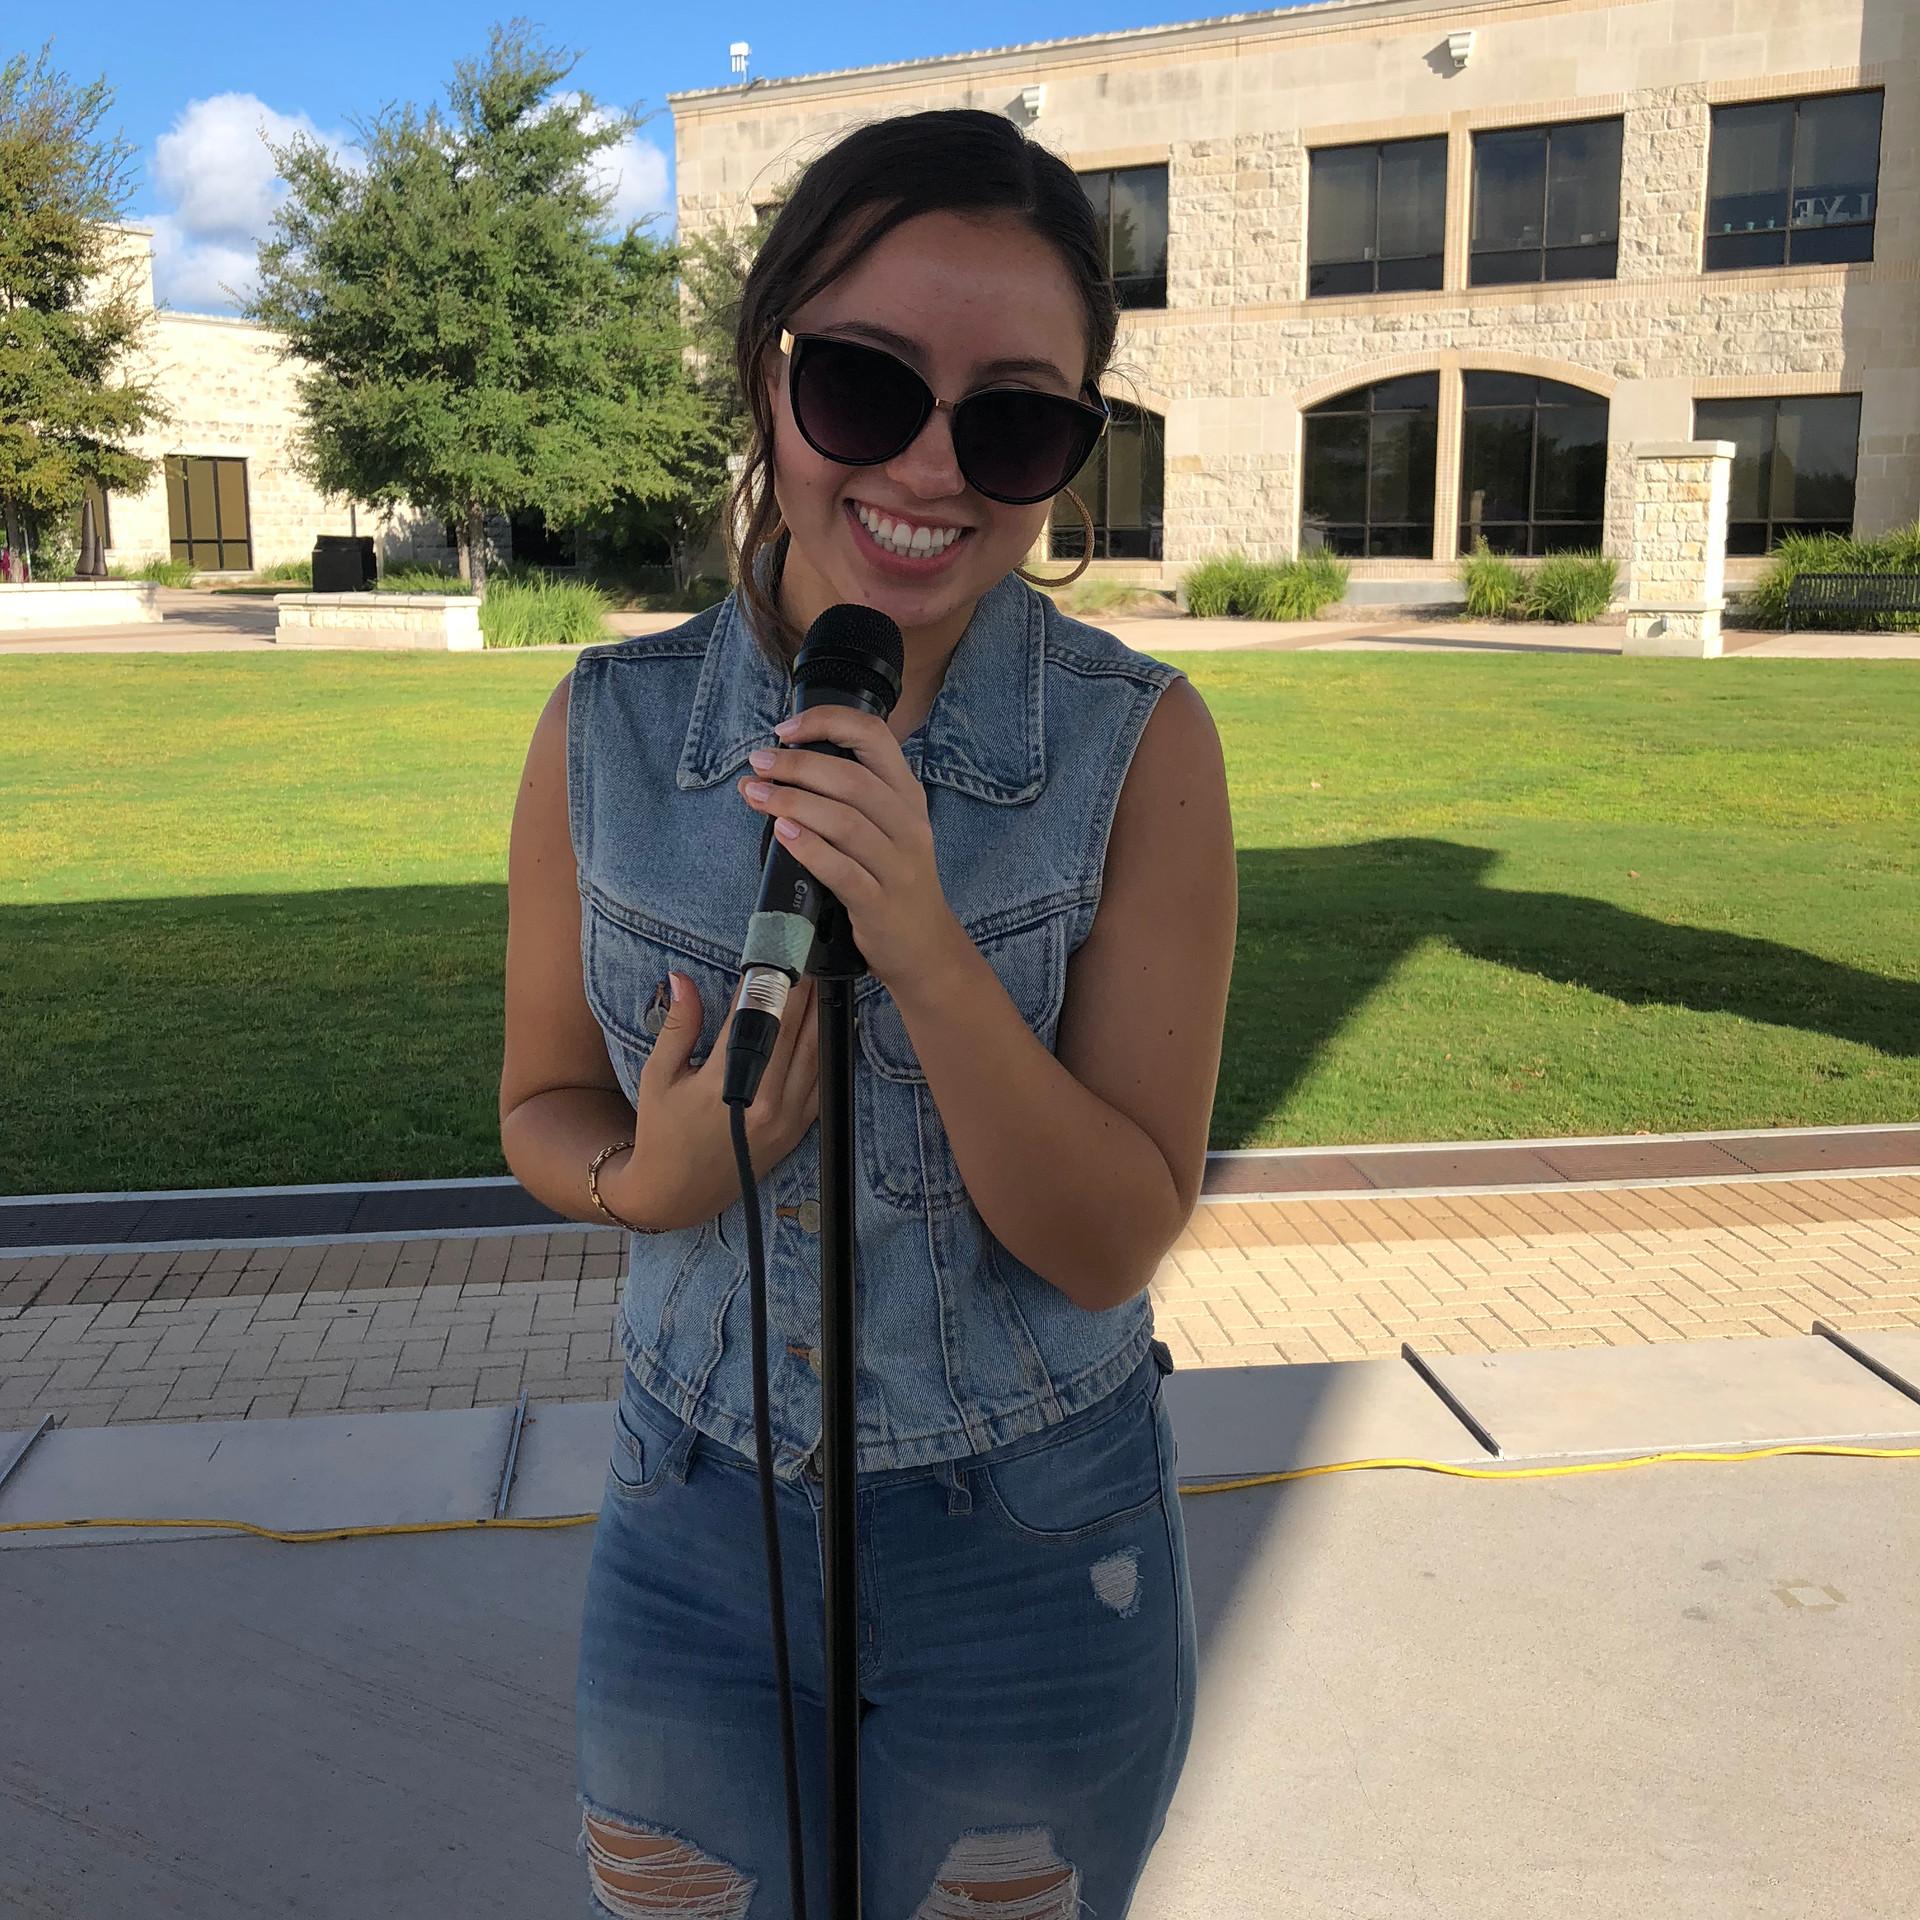 PCG Artist, Ava sings at Market Days